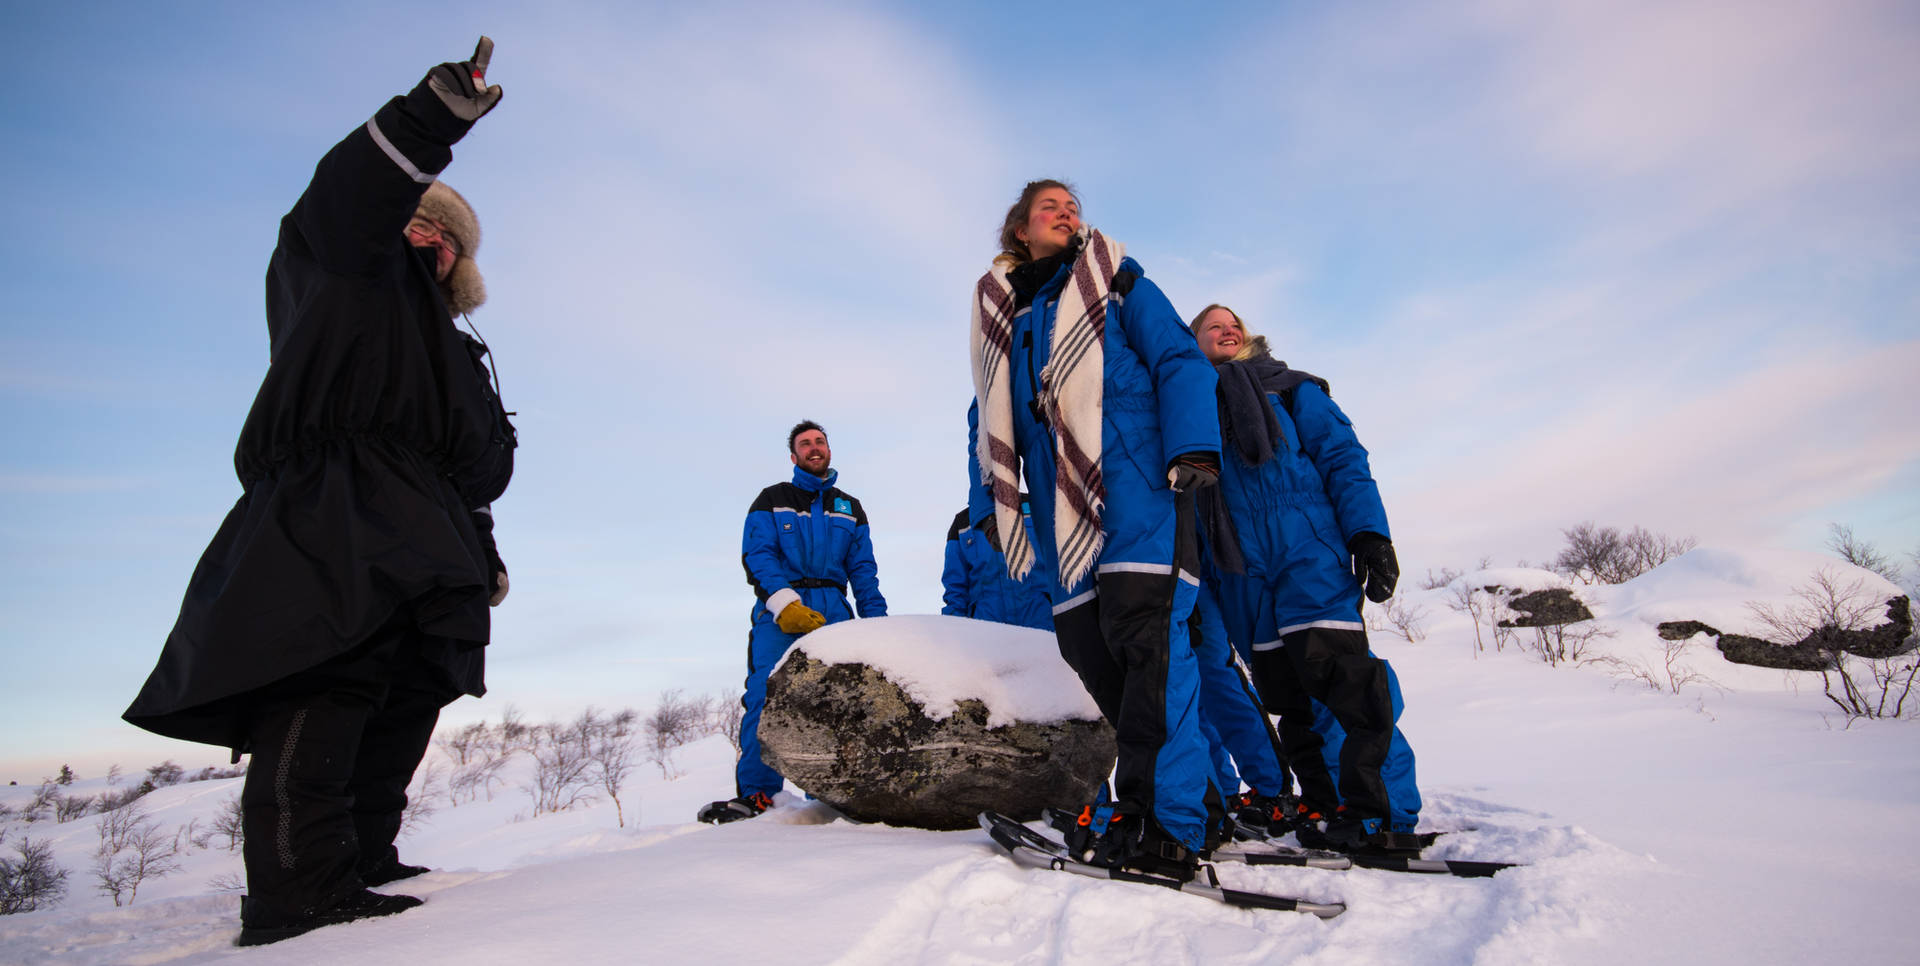 Sami guide, Snowshoe walking in Kirkenes, northern Norway